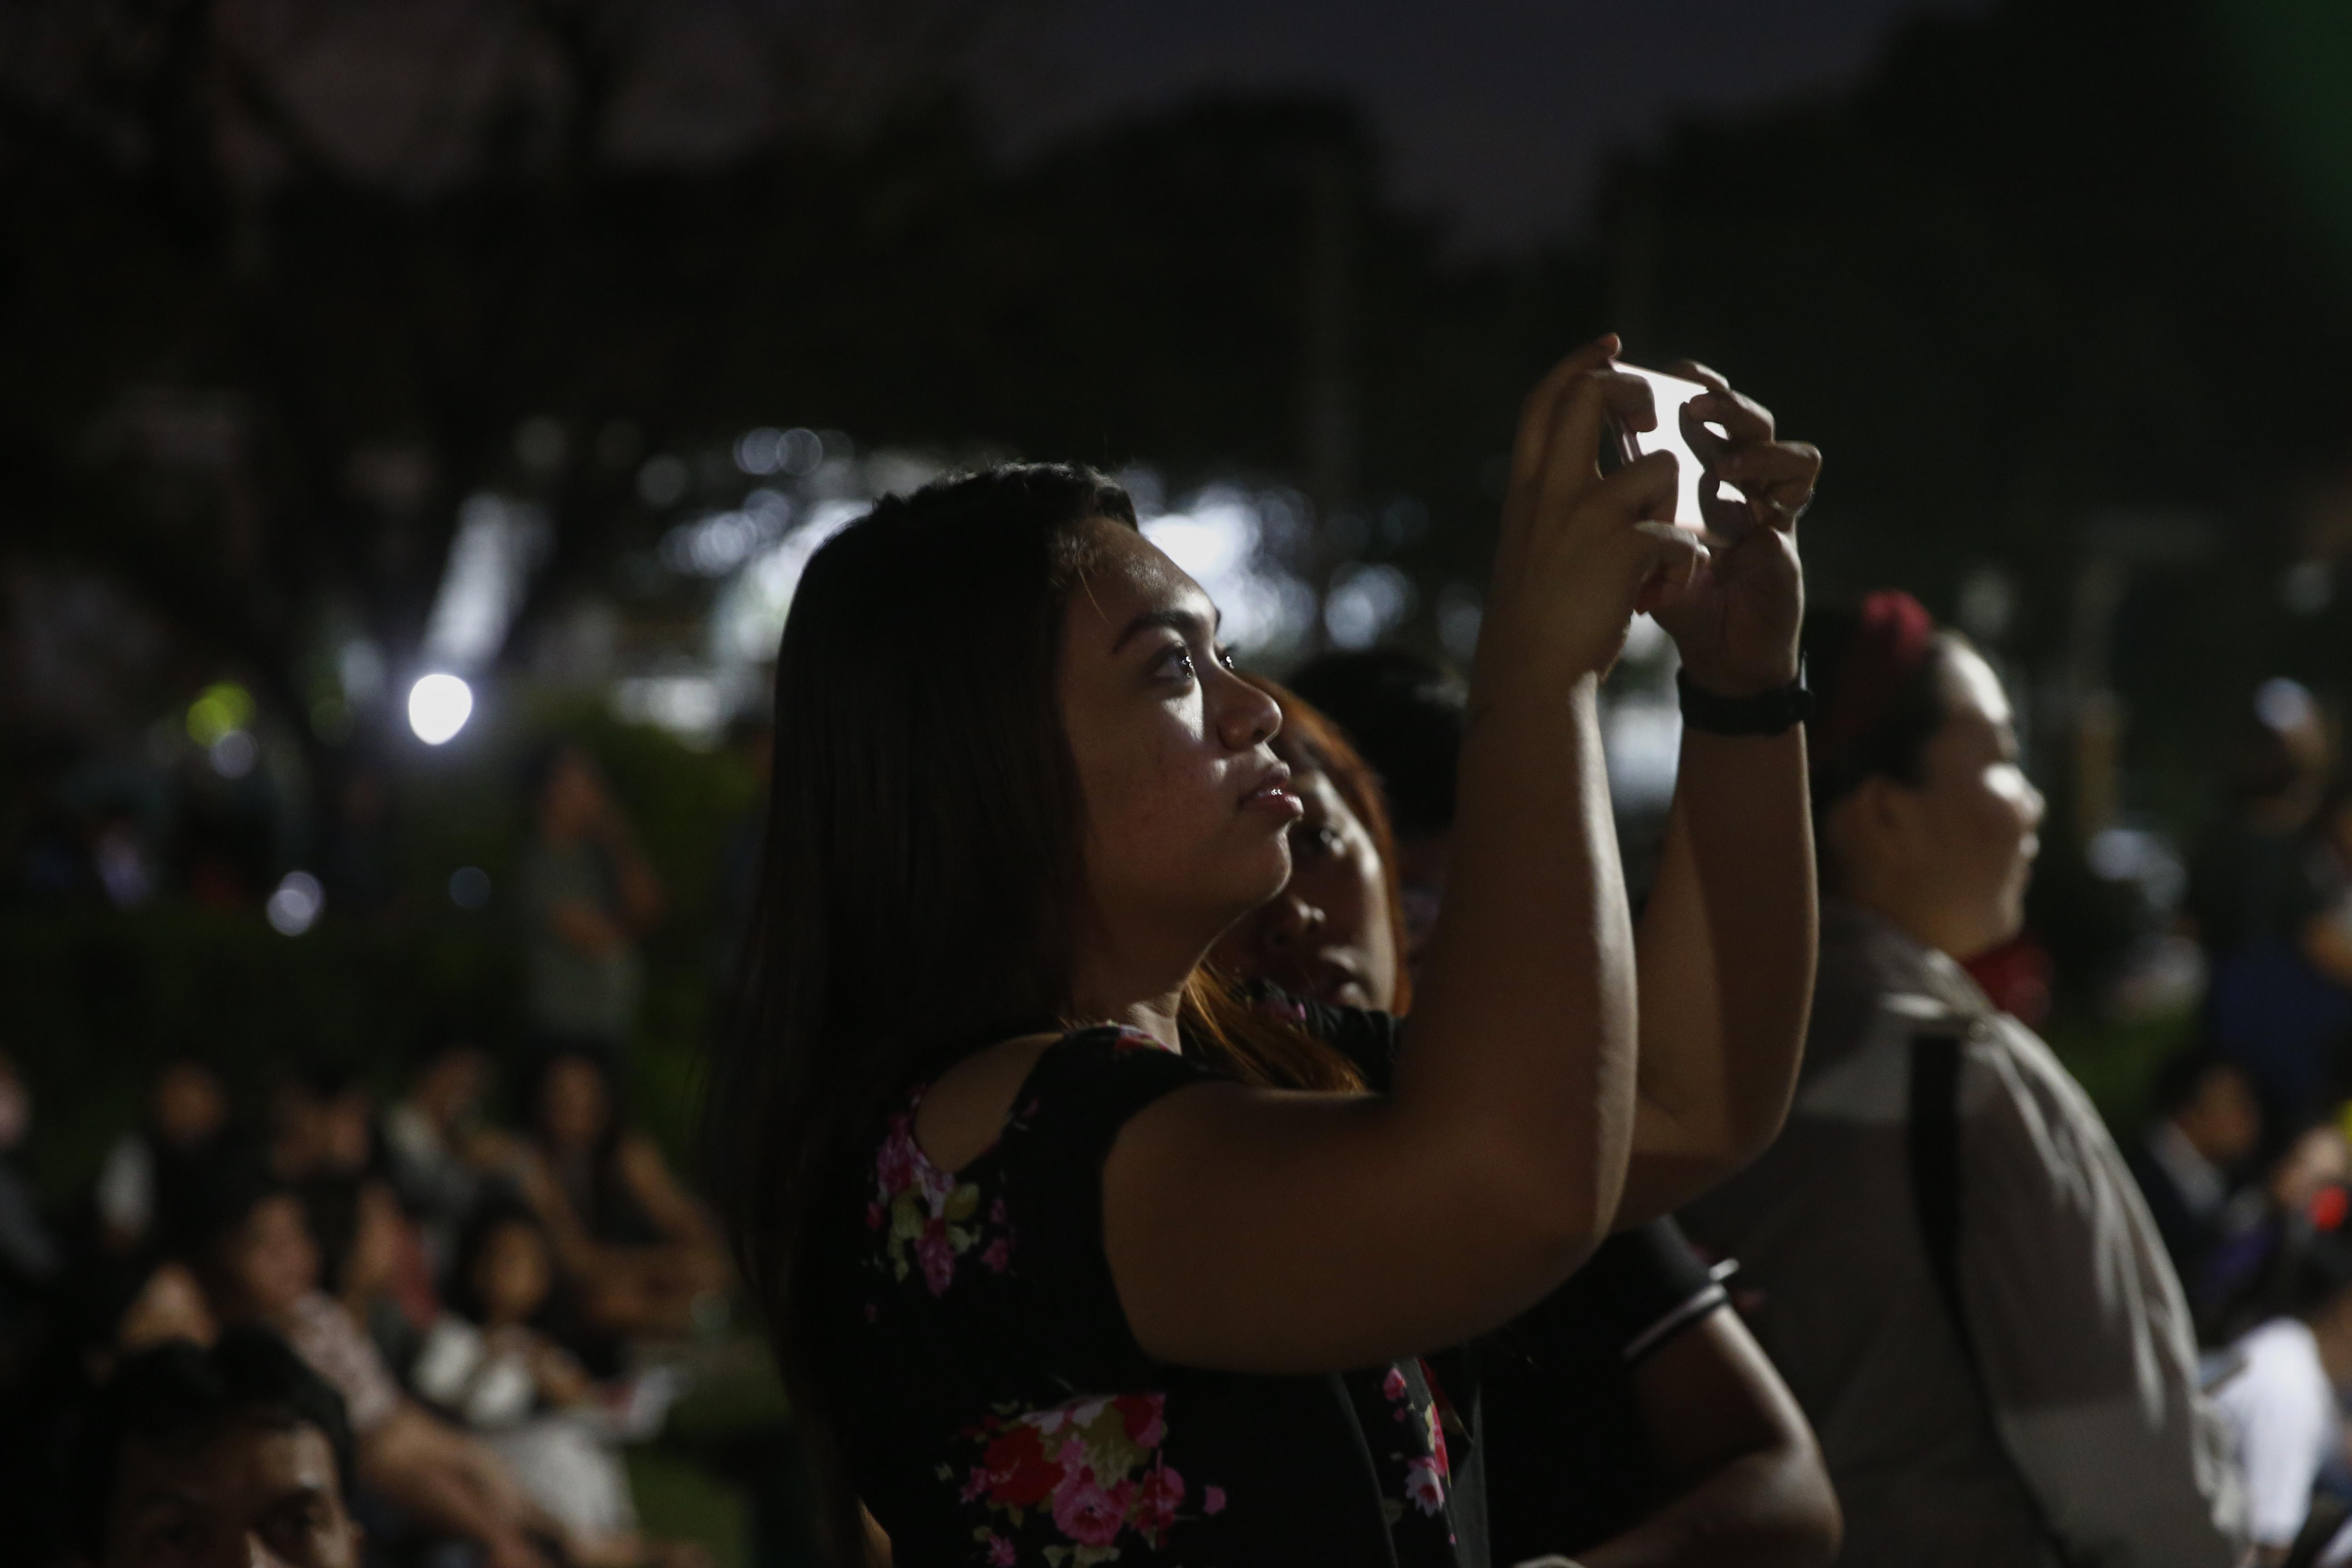 გოგონა იღებს სუპერმთვარეს ფილიპინების ქალაქ მანილაში. ფოტო: EPA/ROLEX-DELA-PENA